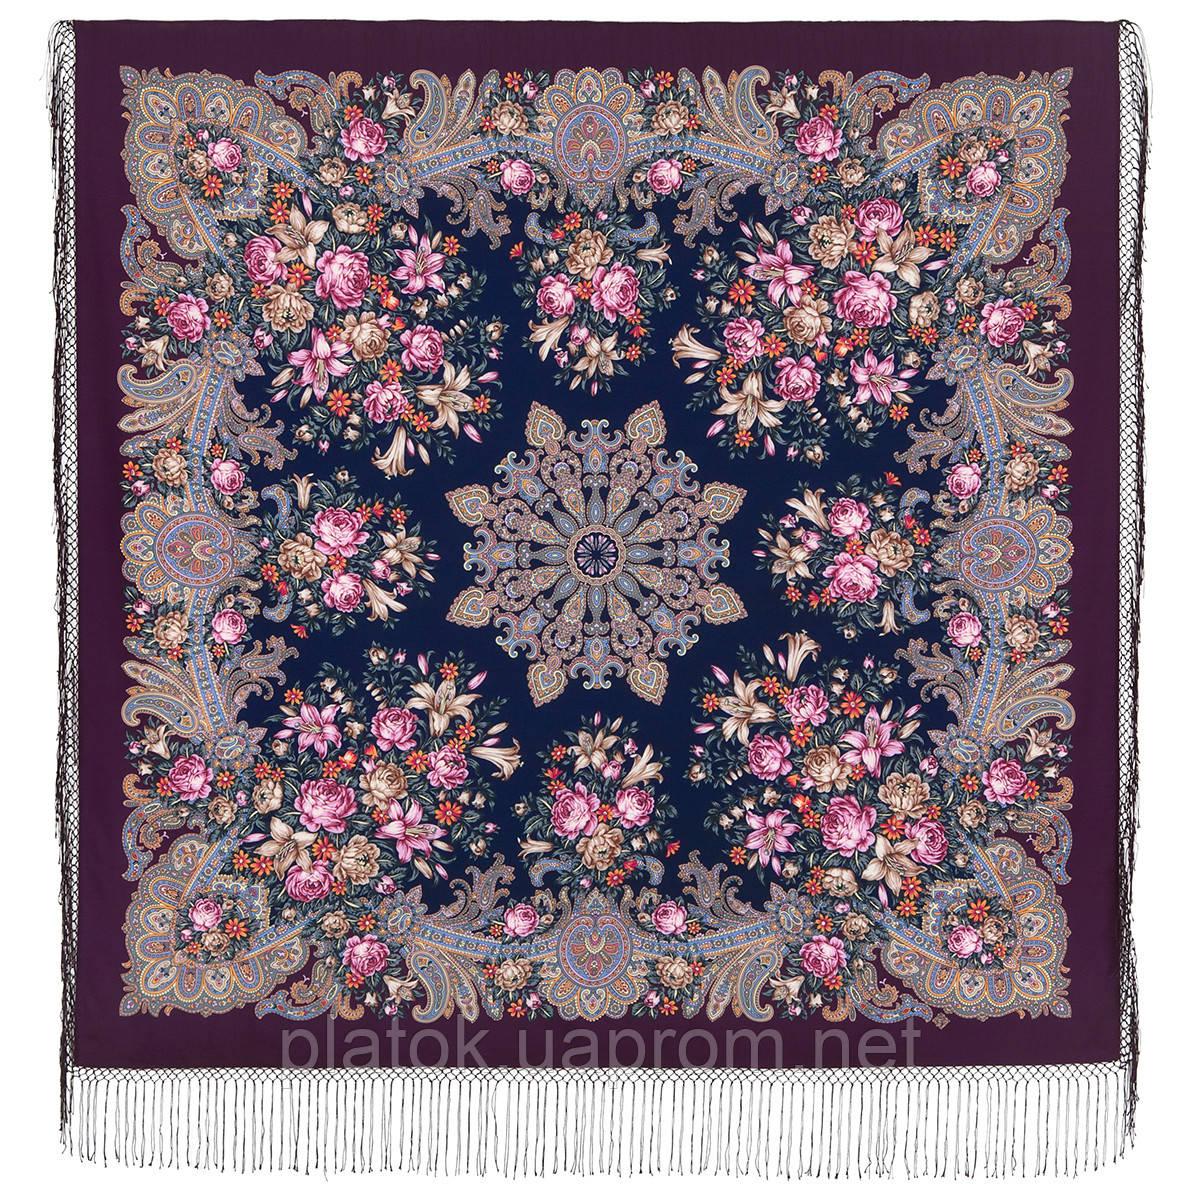 Донские зори 1801-8, павлопосадский платок шерстяной (двуниточная шерсть) с шелковой вязаной бахромой